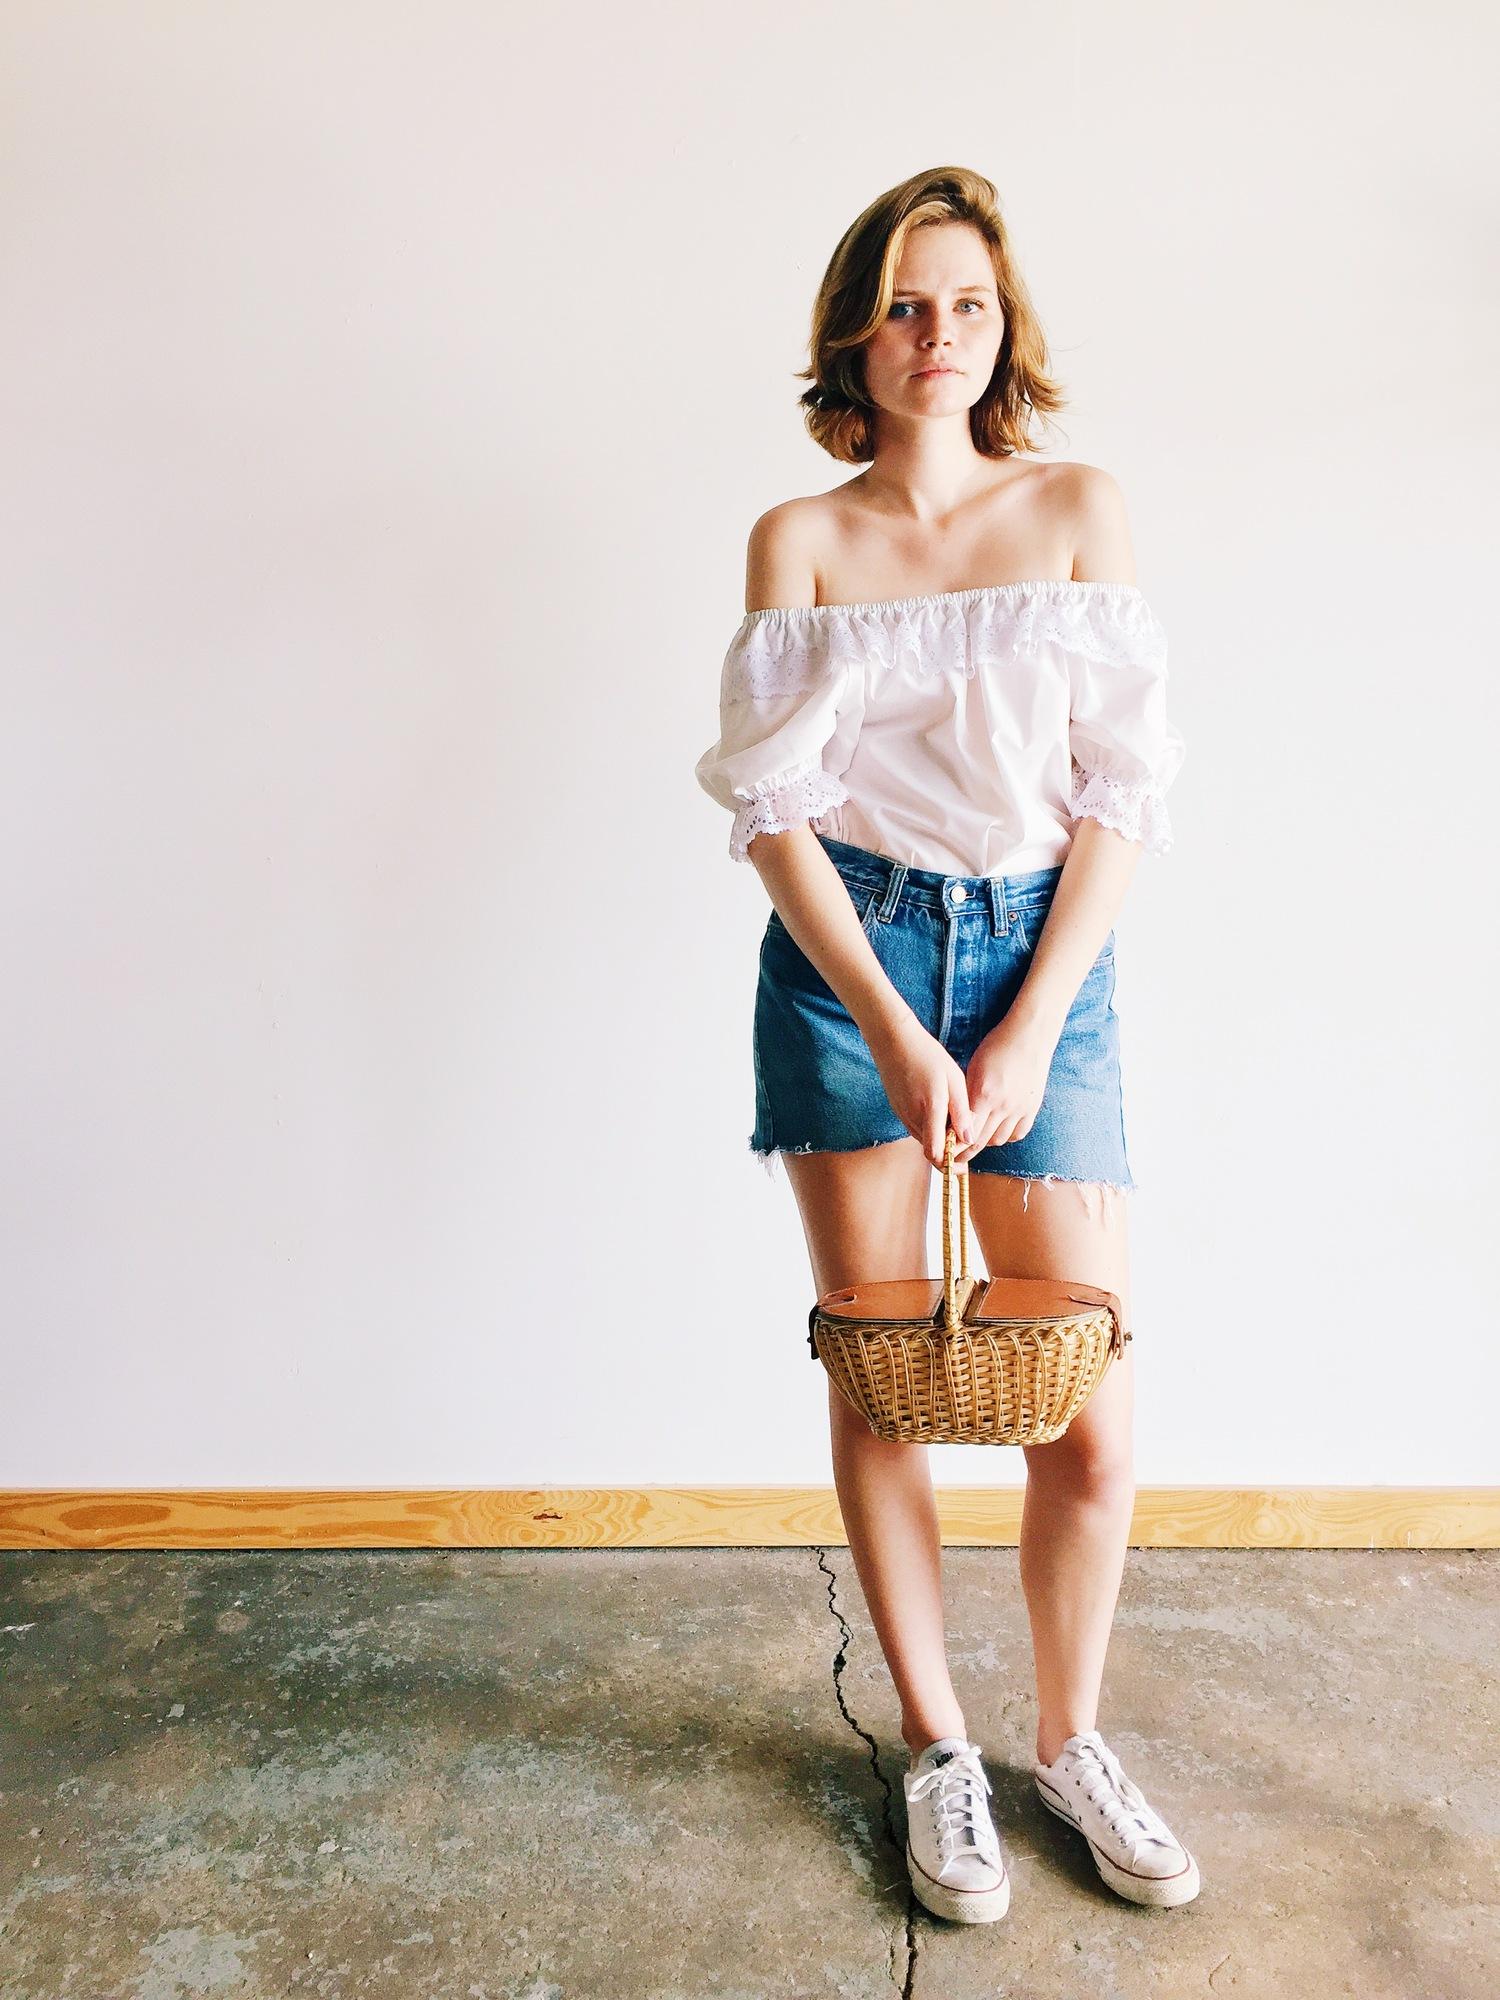 wonaponatime-off-shoulder-denim-shorts-basket-vintage-lookbook